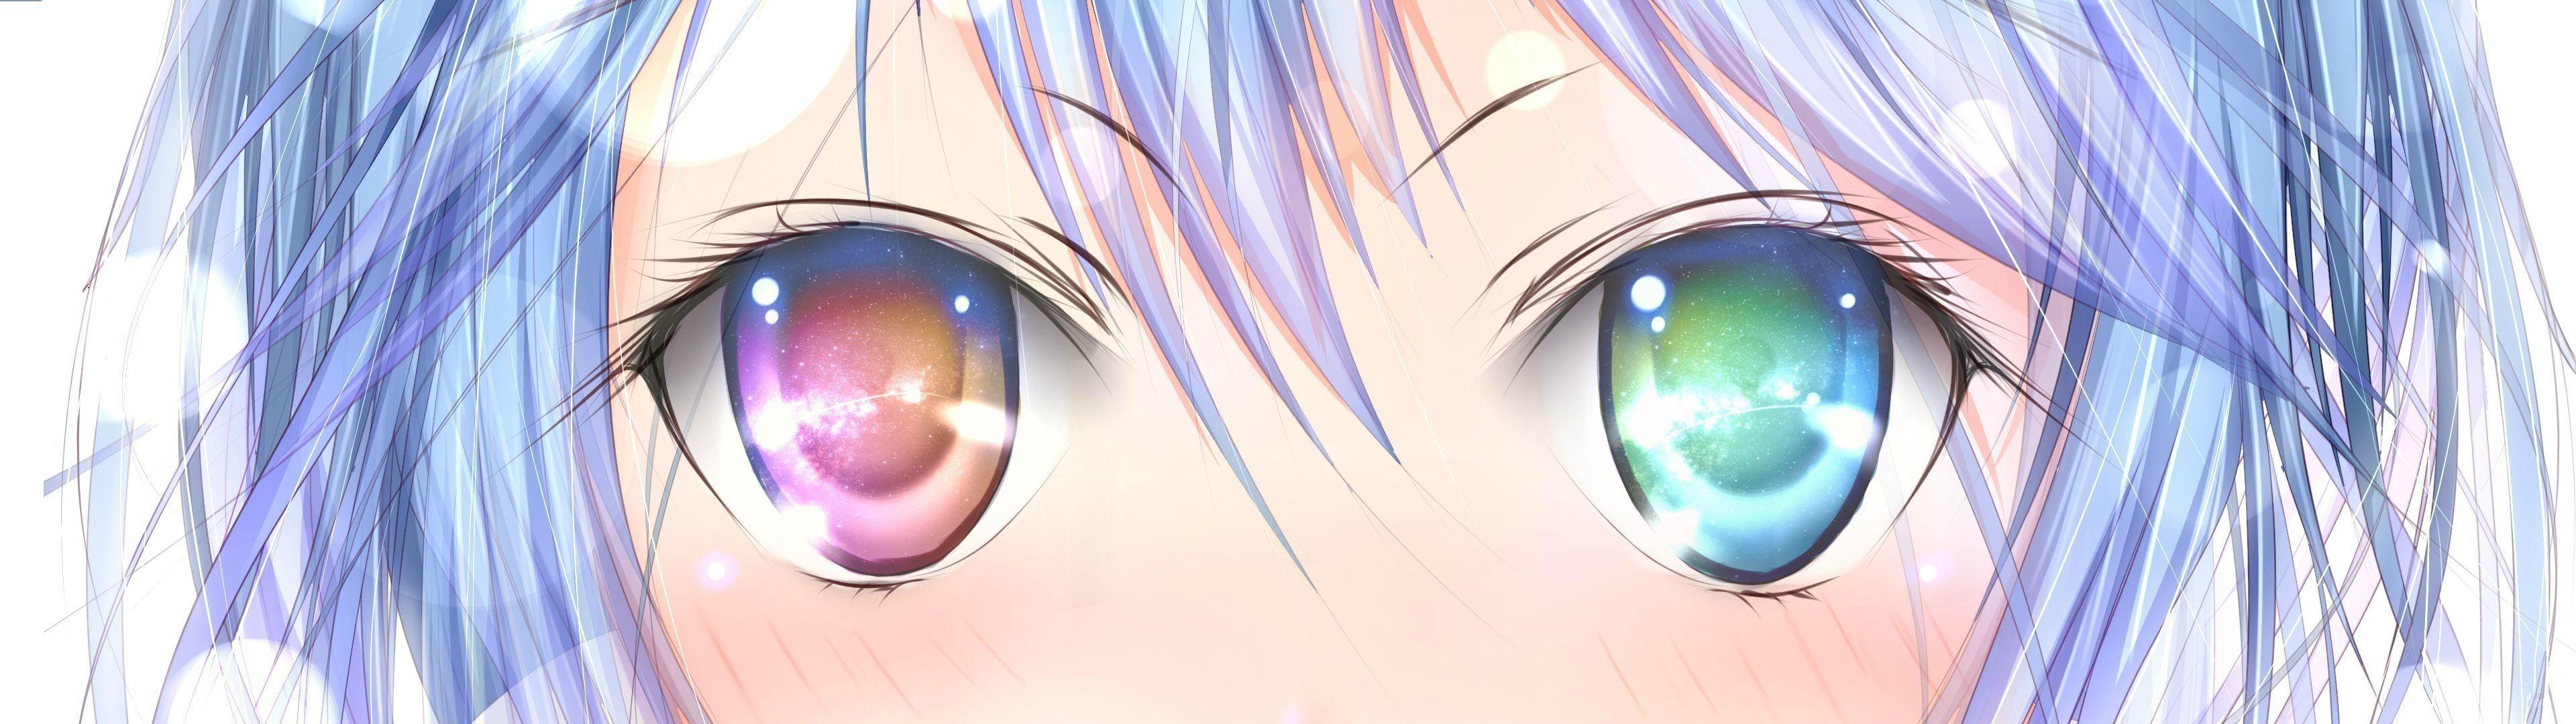 Картинки для фотостатуса в вк аниме